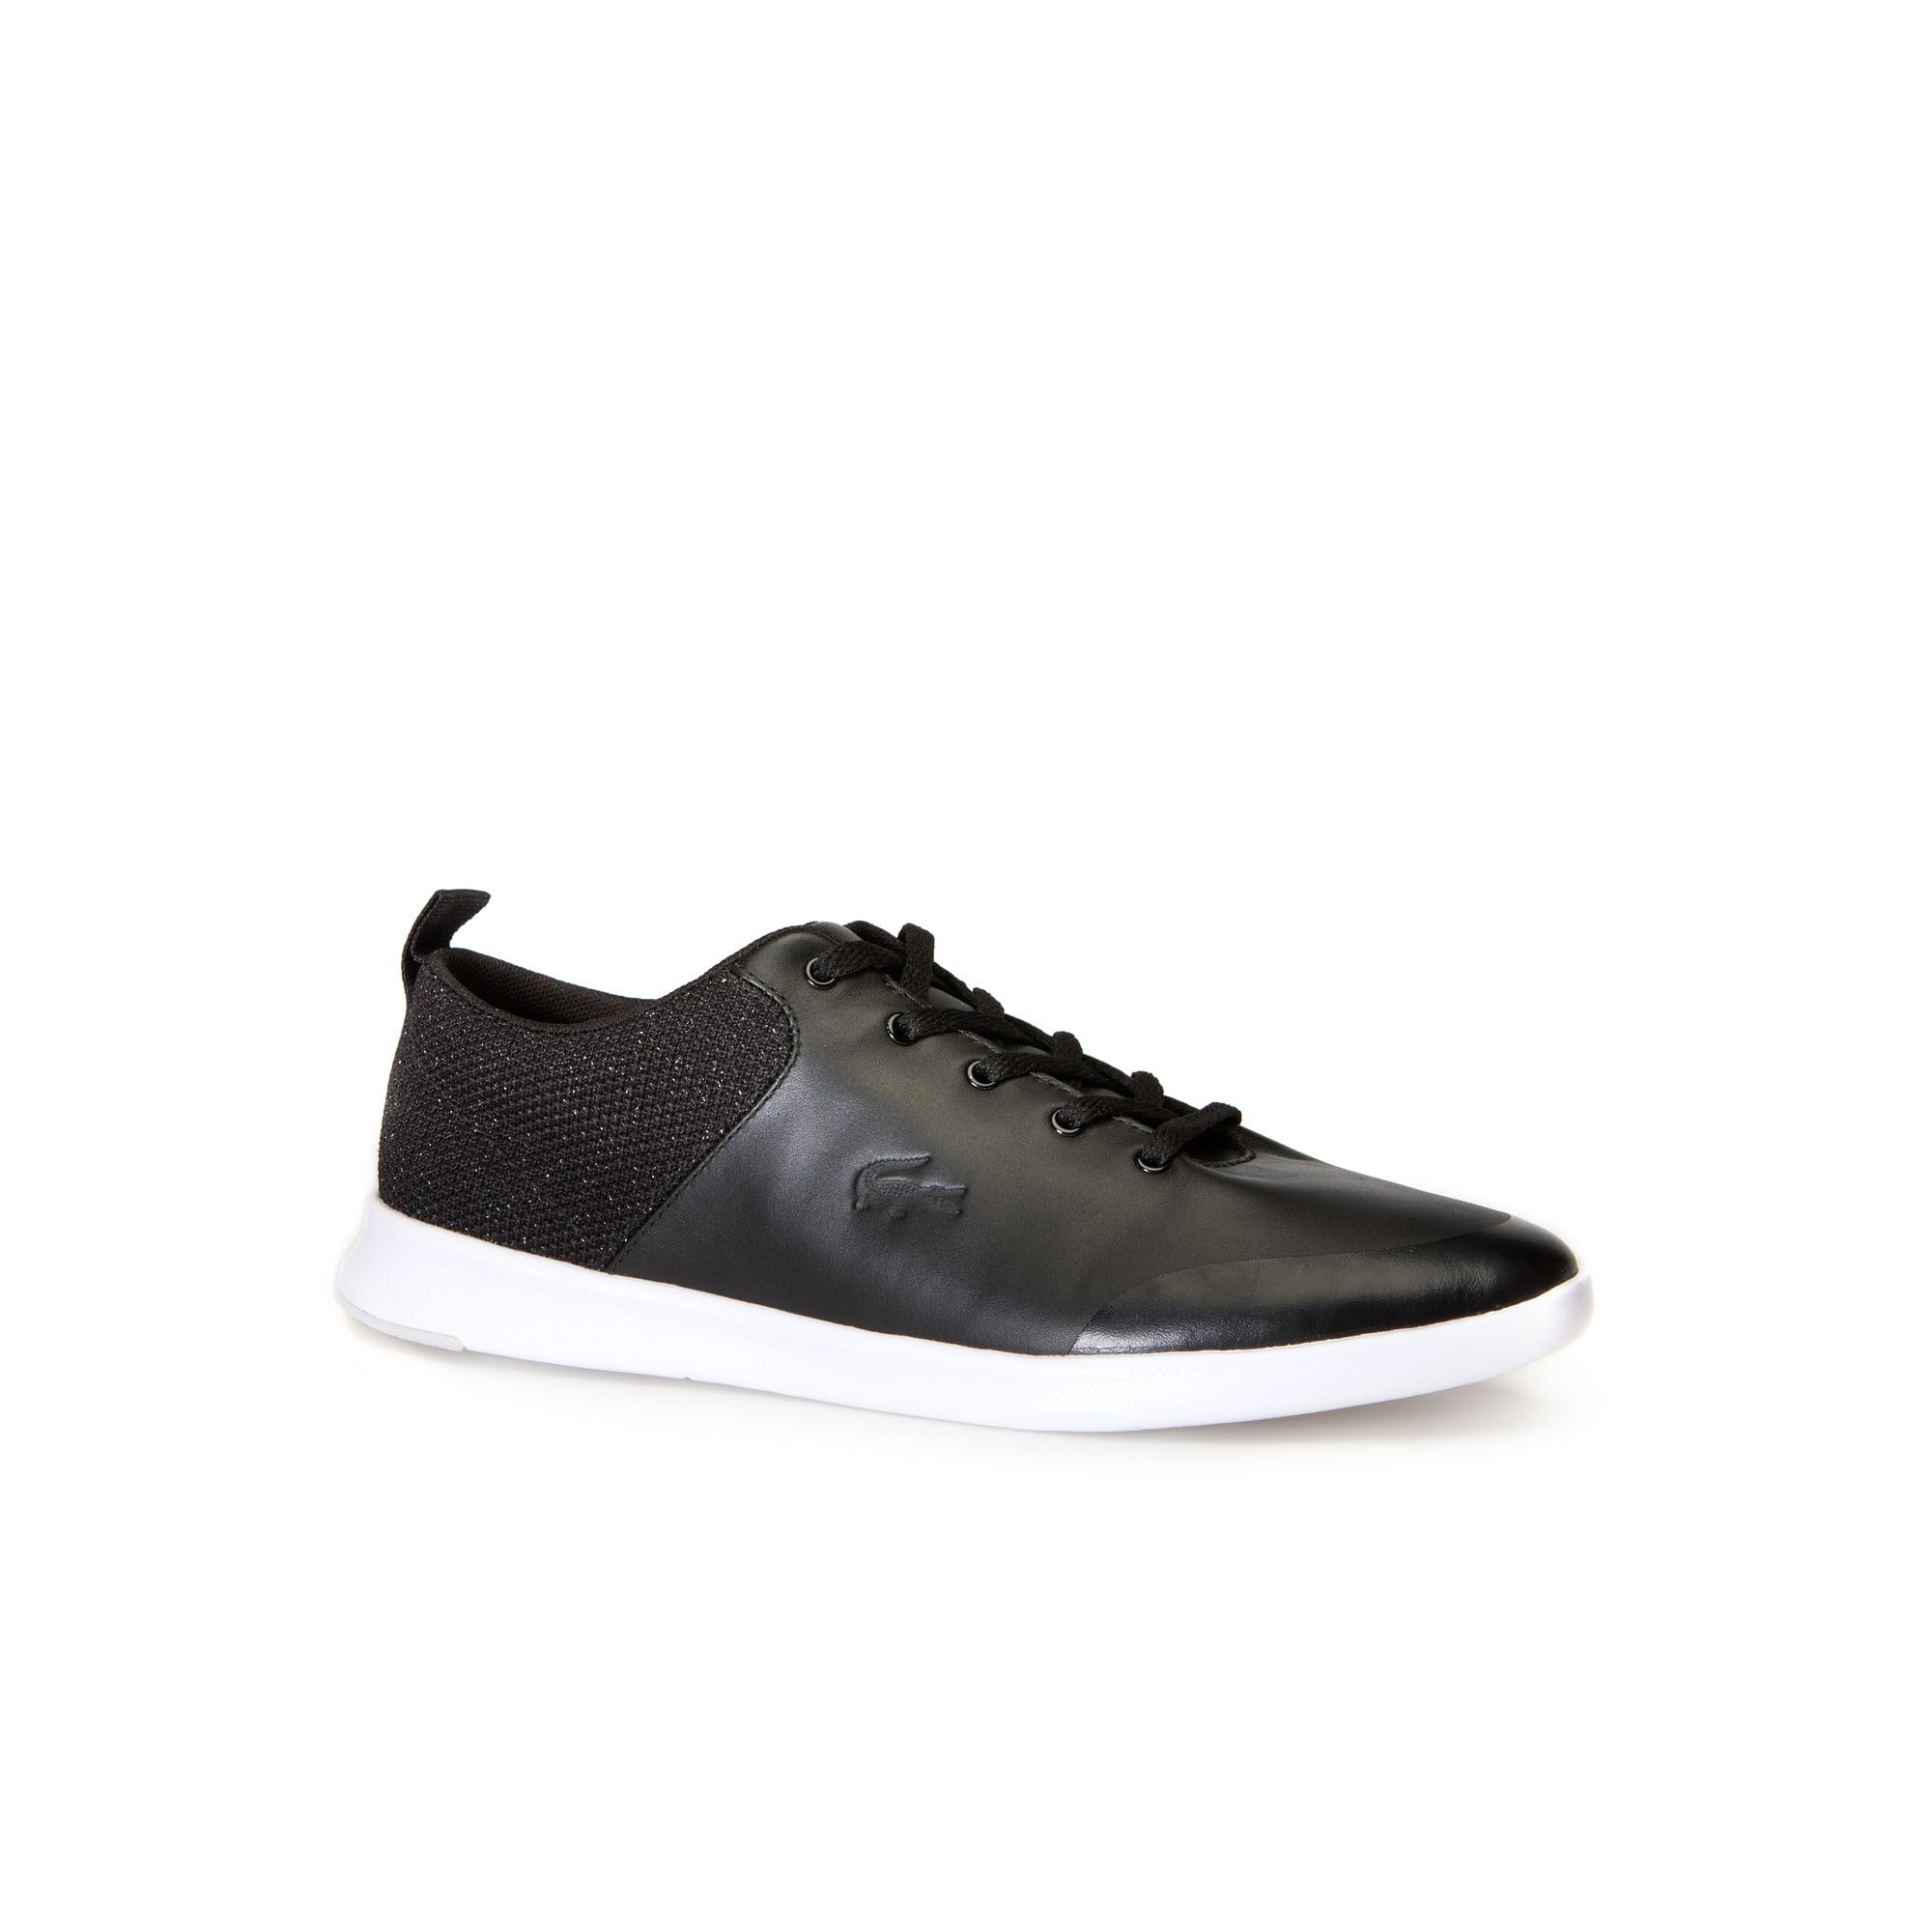 حذاء Avenir Lace-Up من الجلد الرياضي للنساء